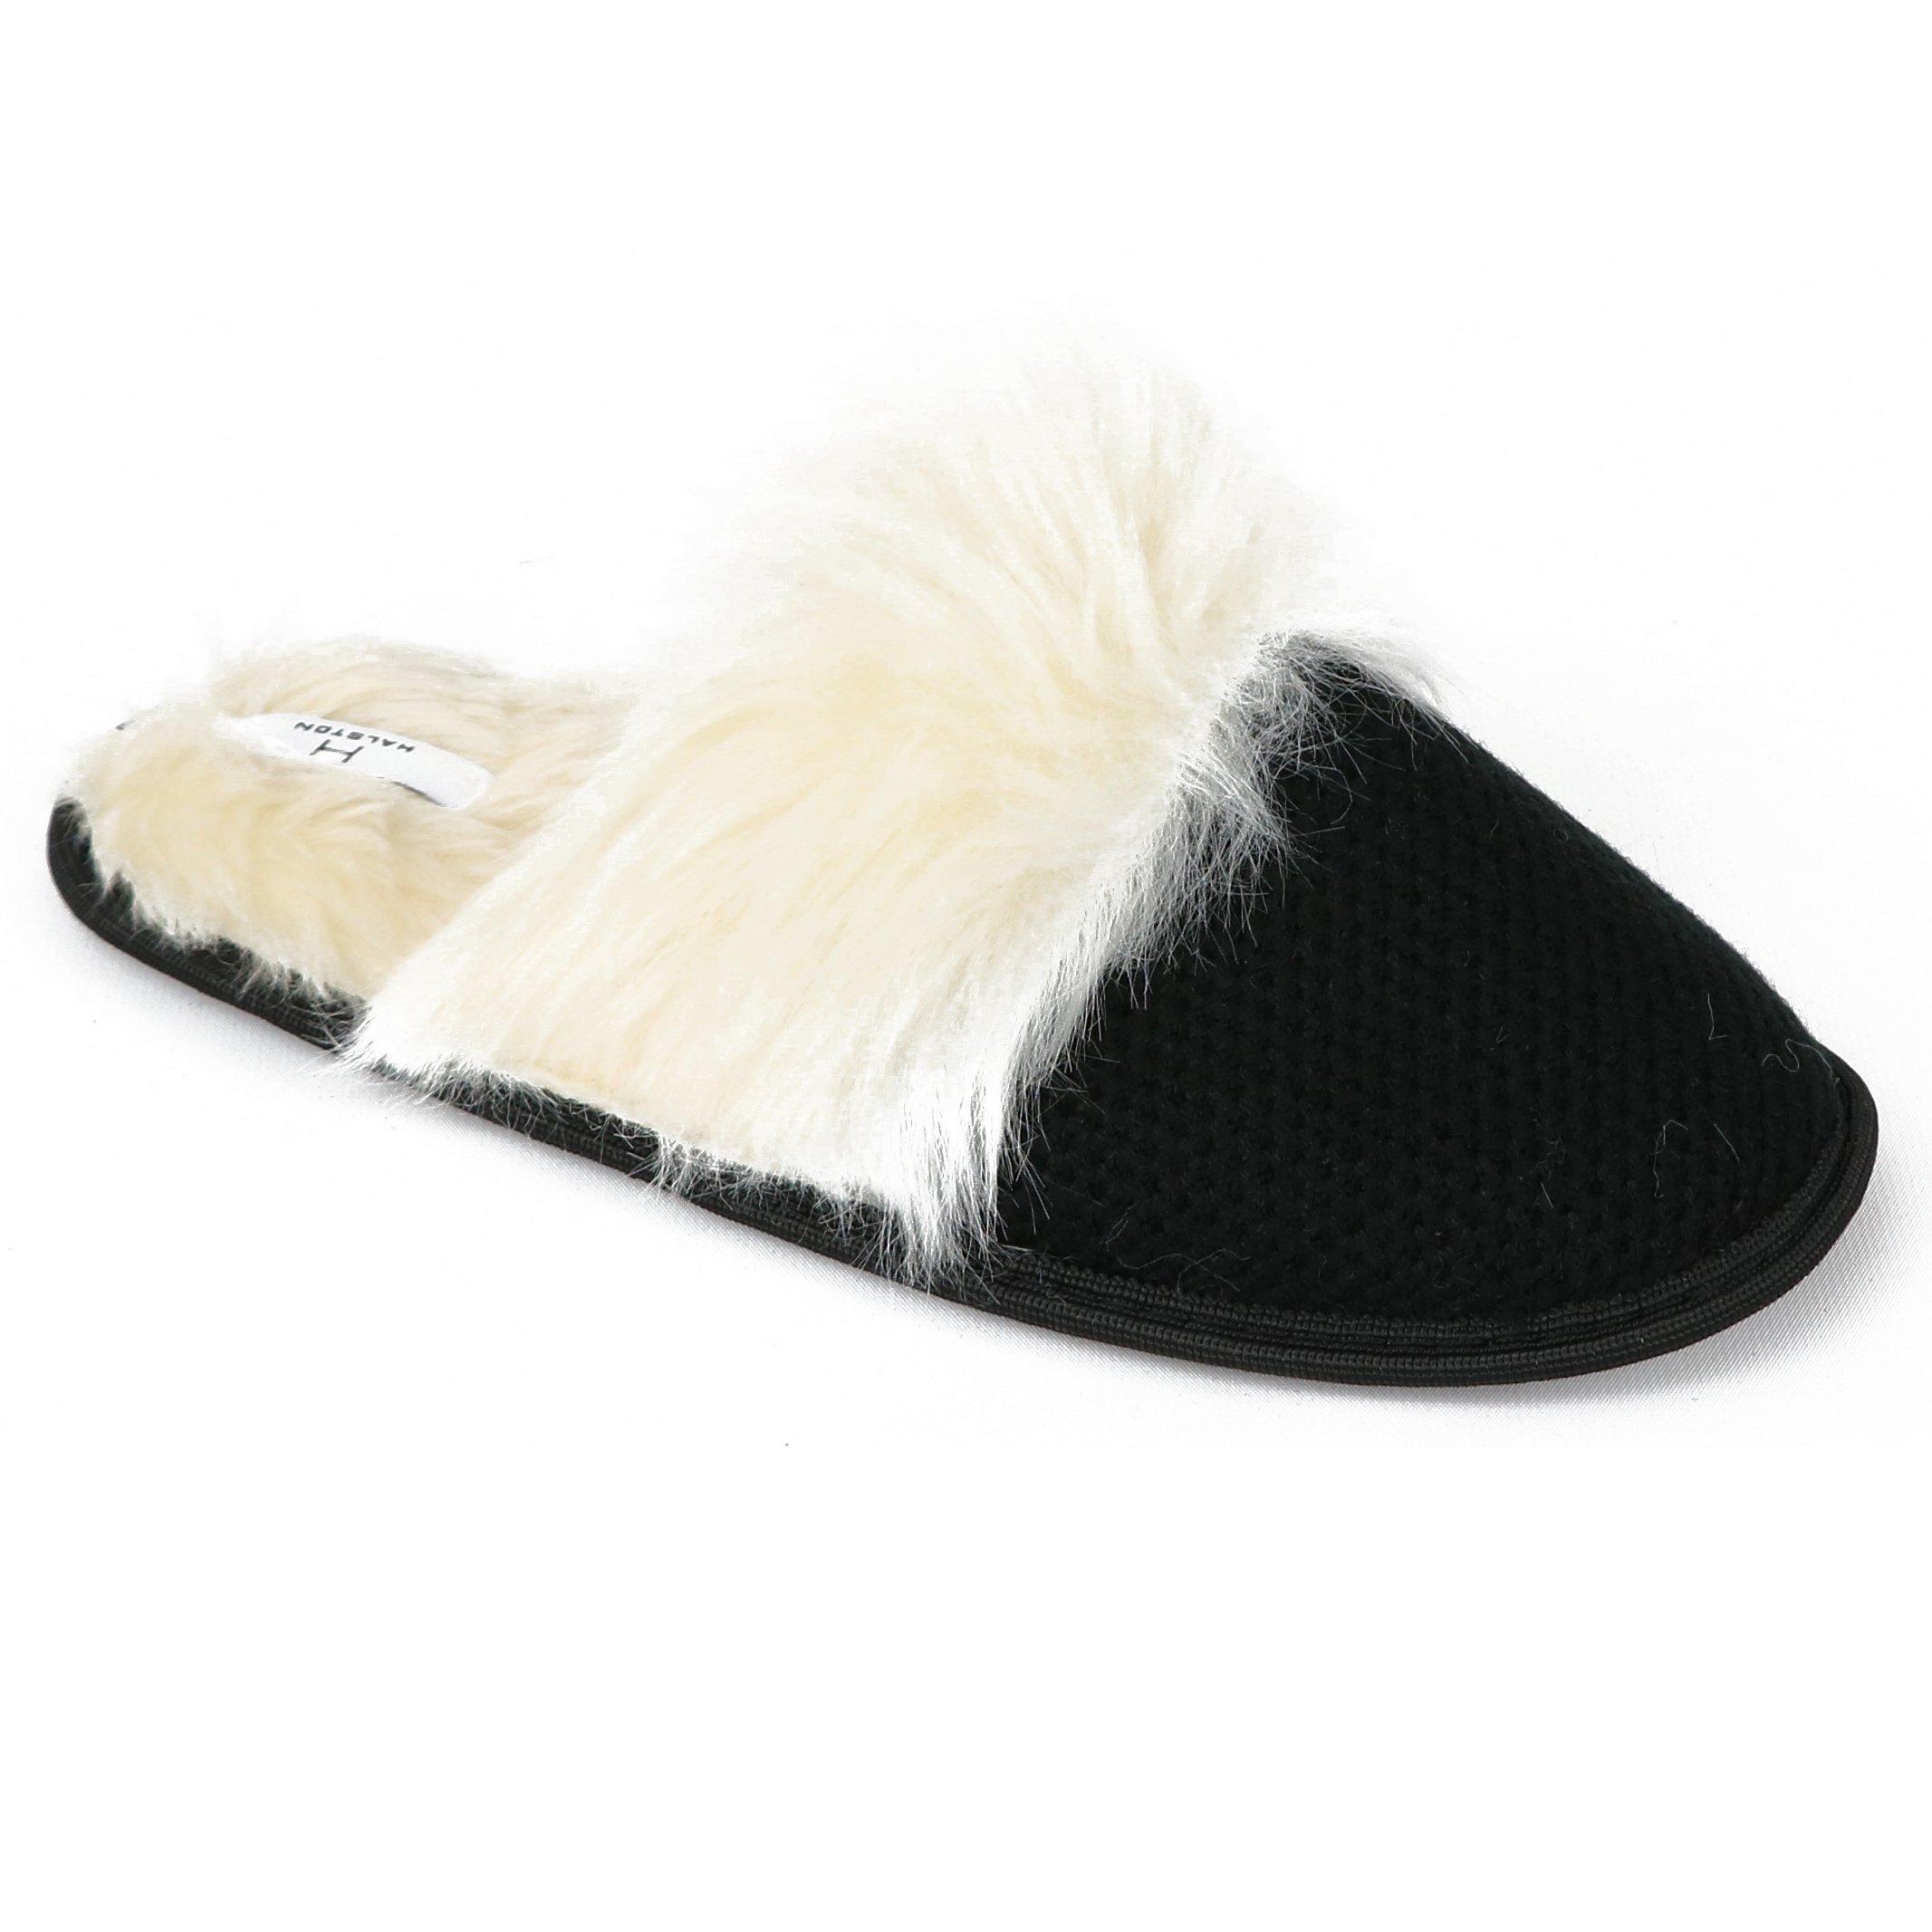 Halston Women's Faux Fur Memory Foam Slipper (5-6 B(M) US, Black)